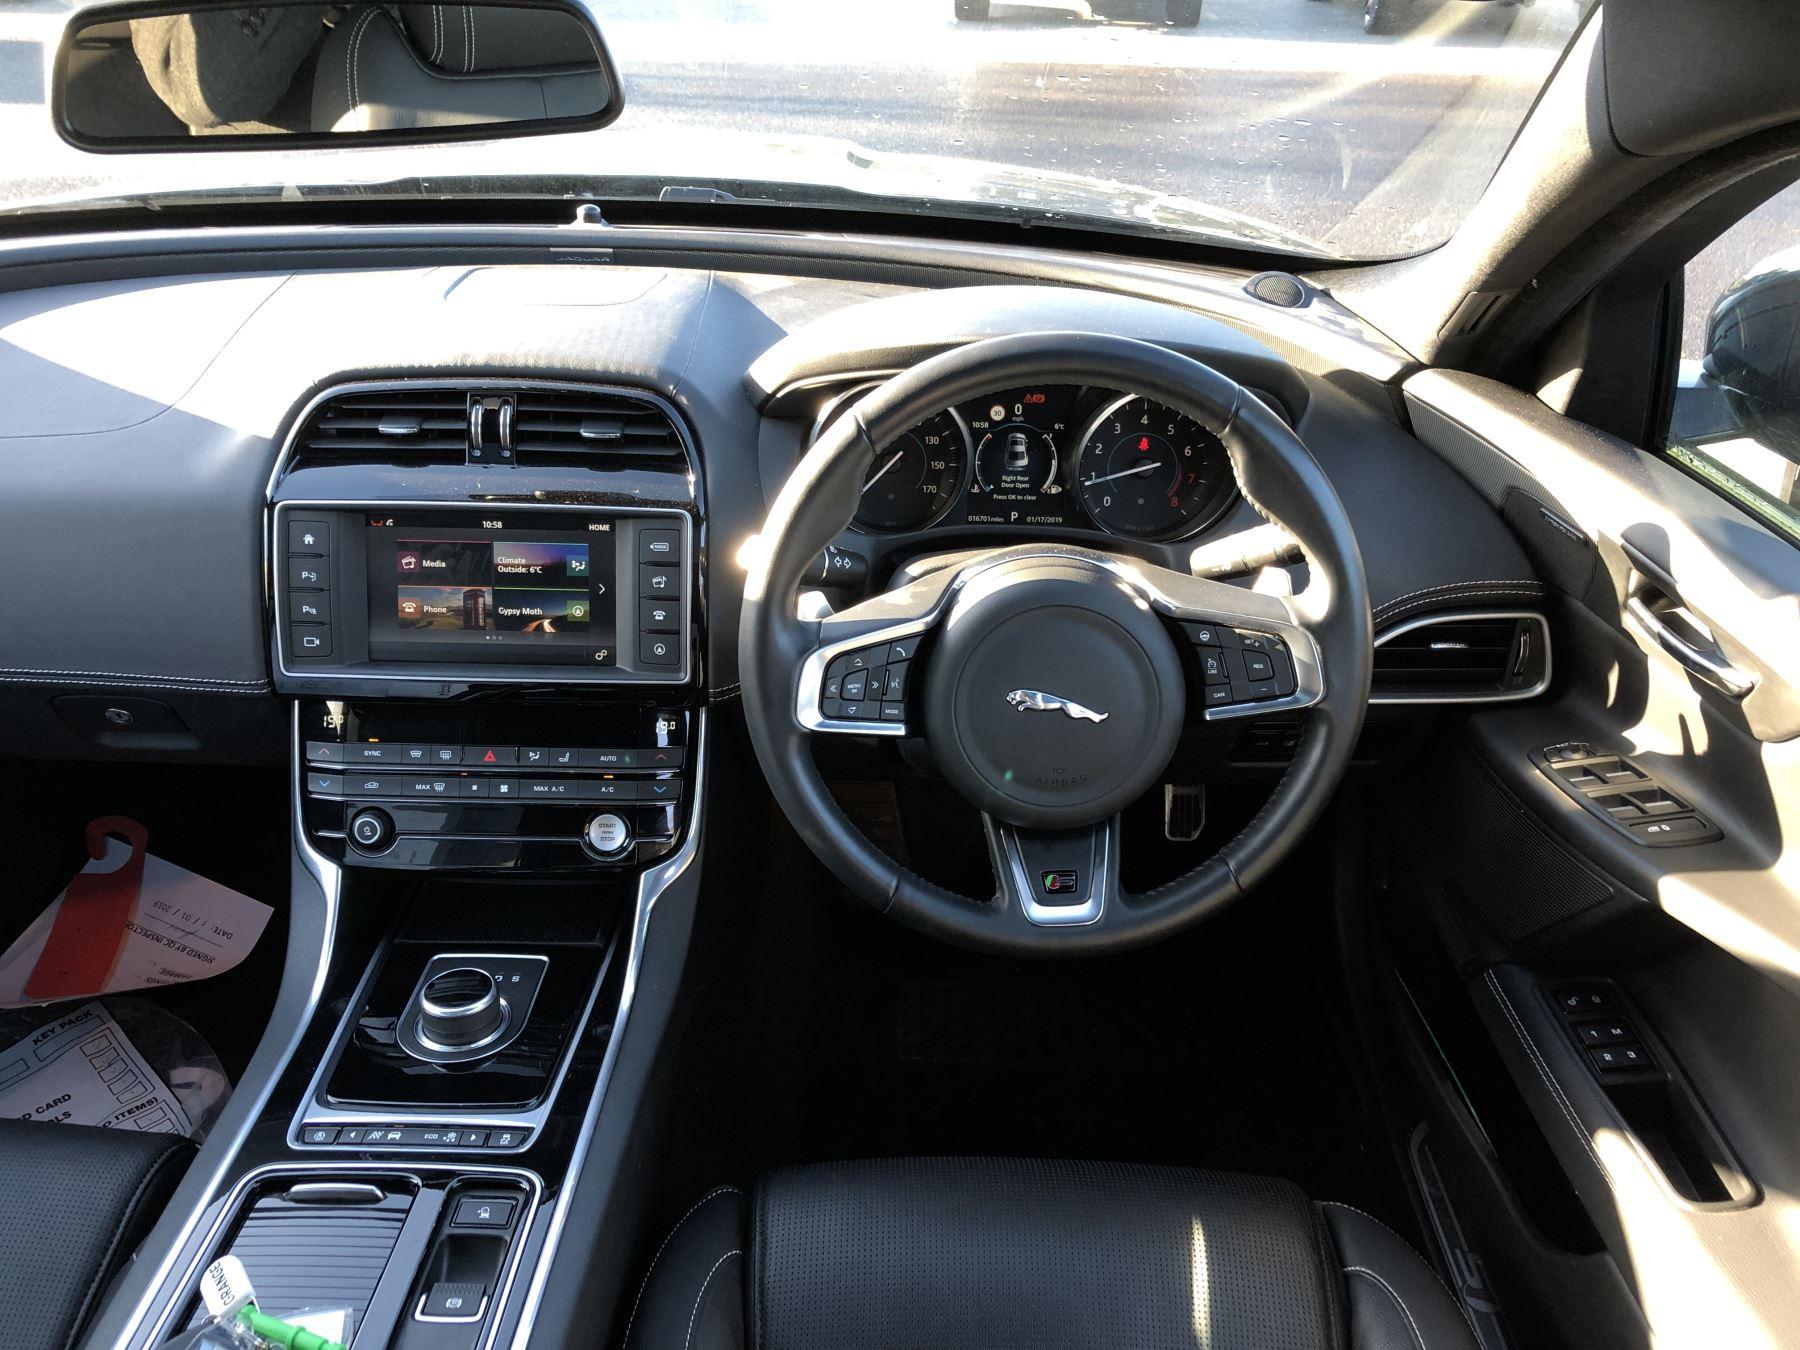 Jaguar XE 3.0 [380] V6 Supercharged S image 19